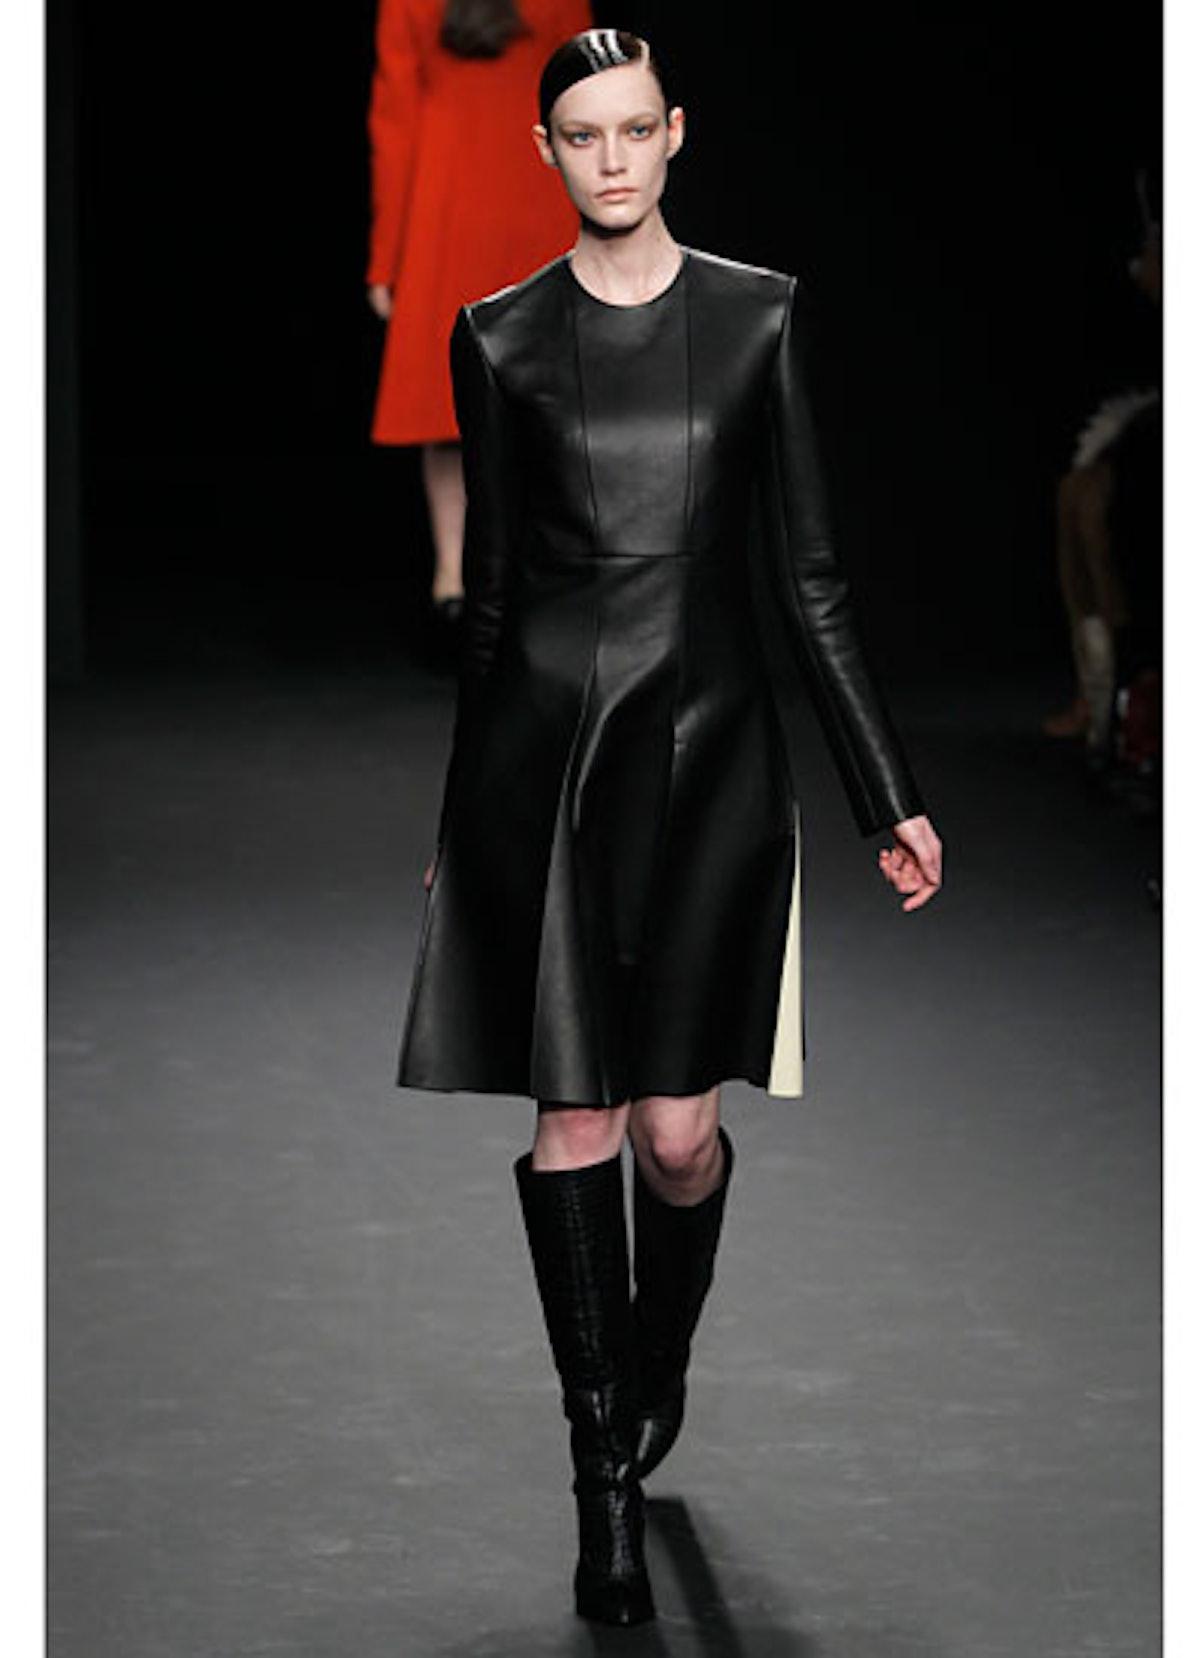 fass-fall-2012-fashion-roundup-30-v.jpg